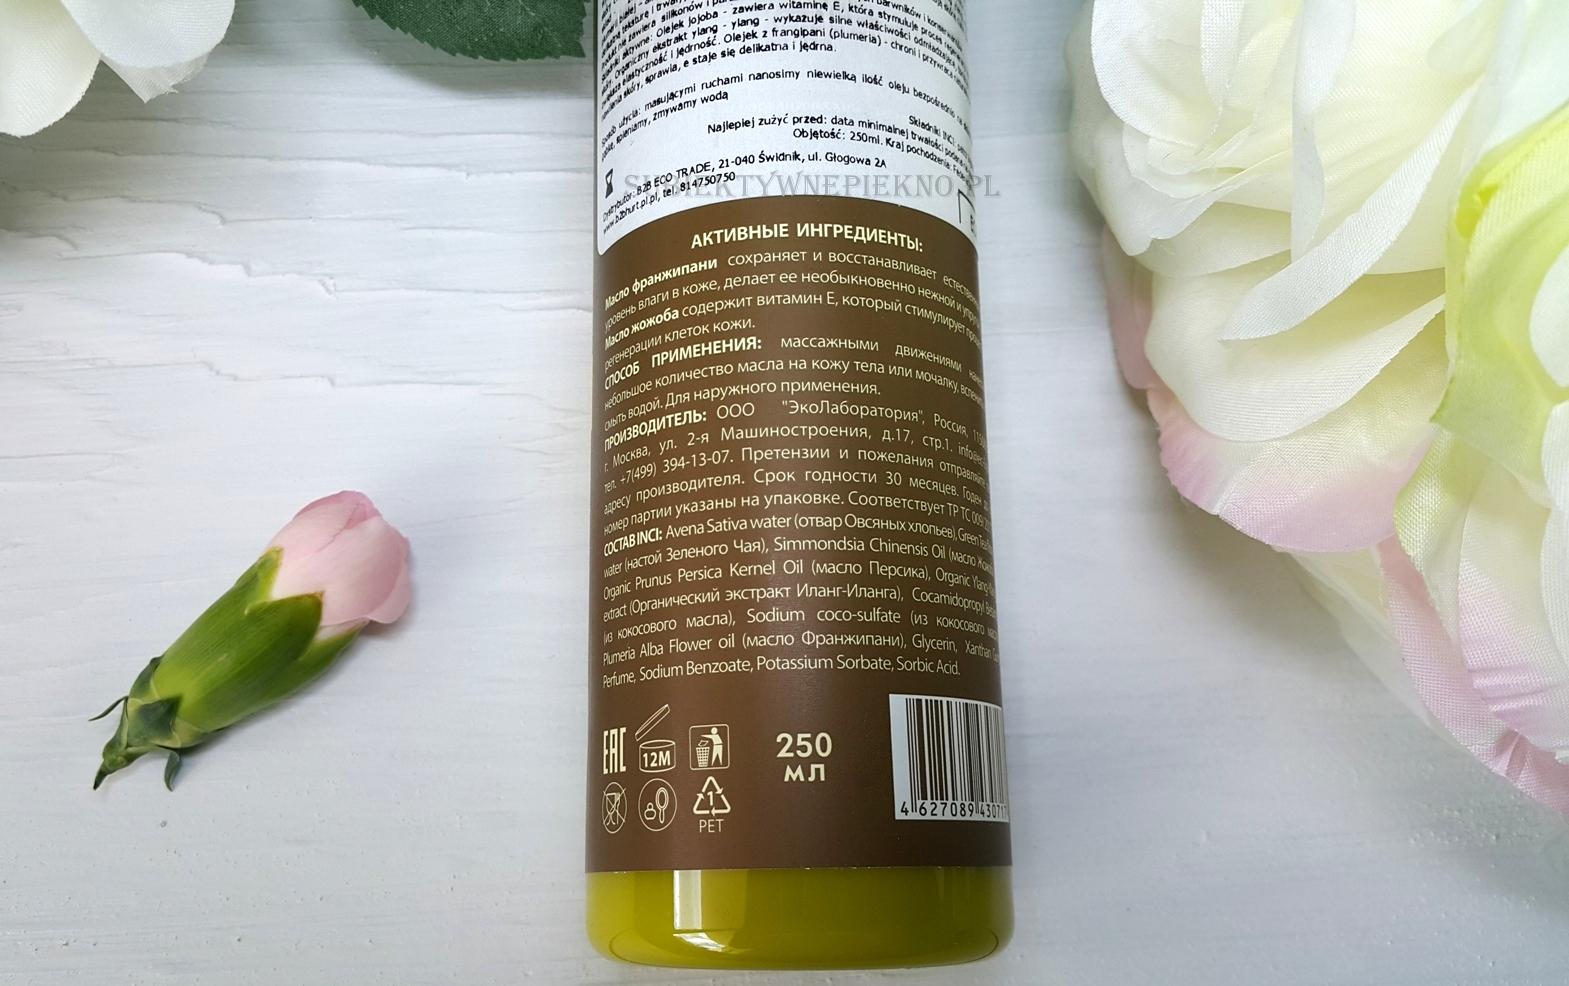 Karaibski odżywczy olejek pod prysznic Ecolab skład, działanie, opinie